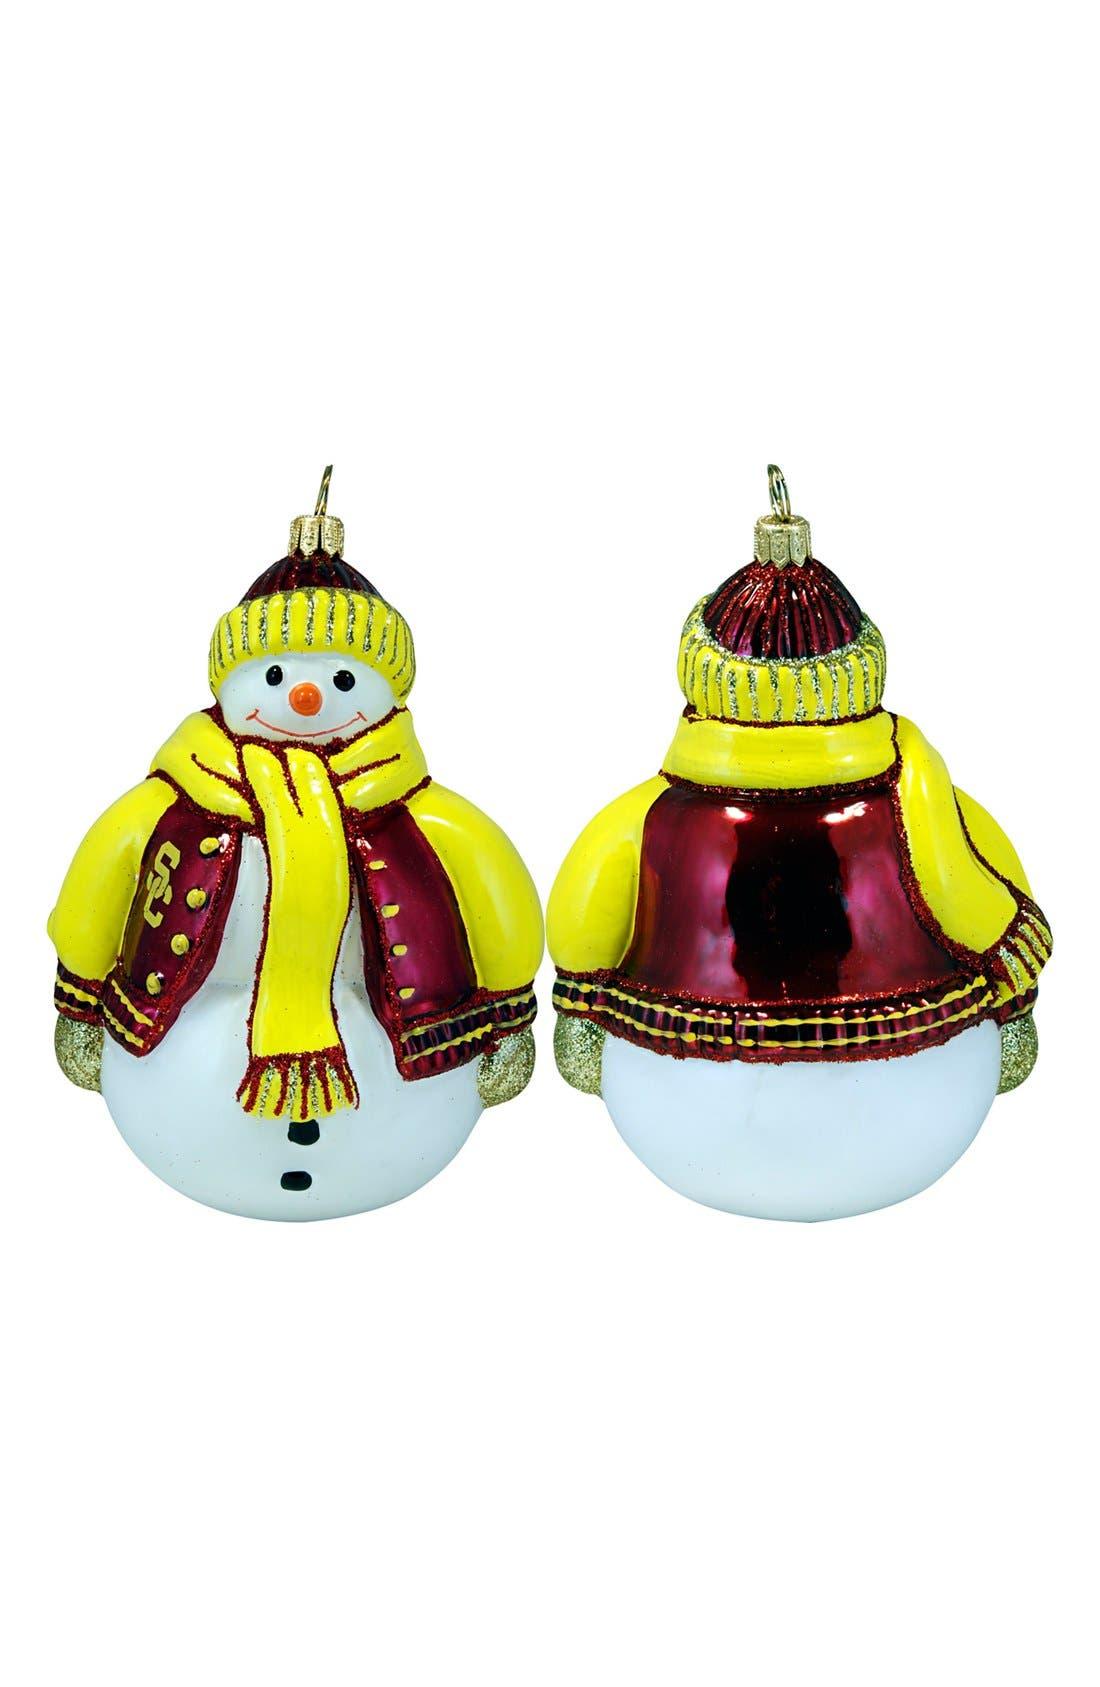 'Collegiate' Snowman Ornament,                         Main,                         color, Usc